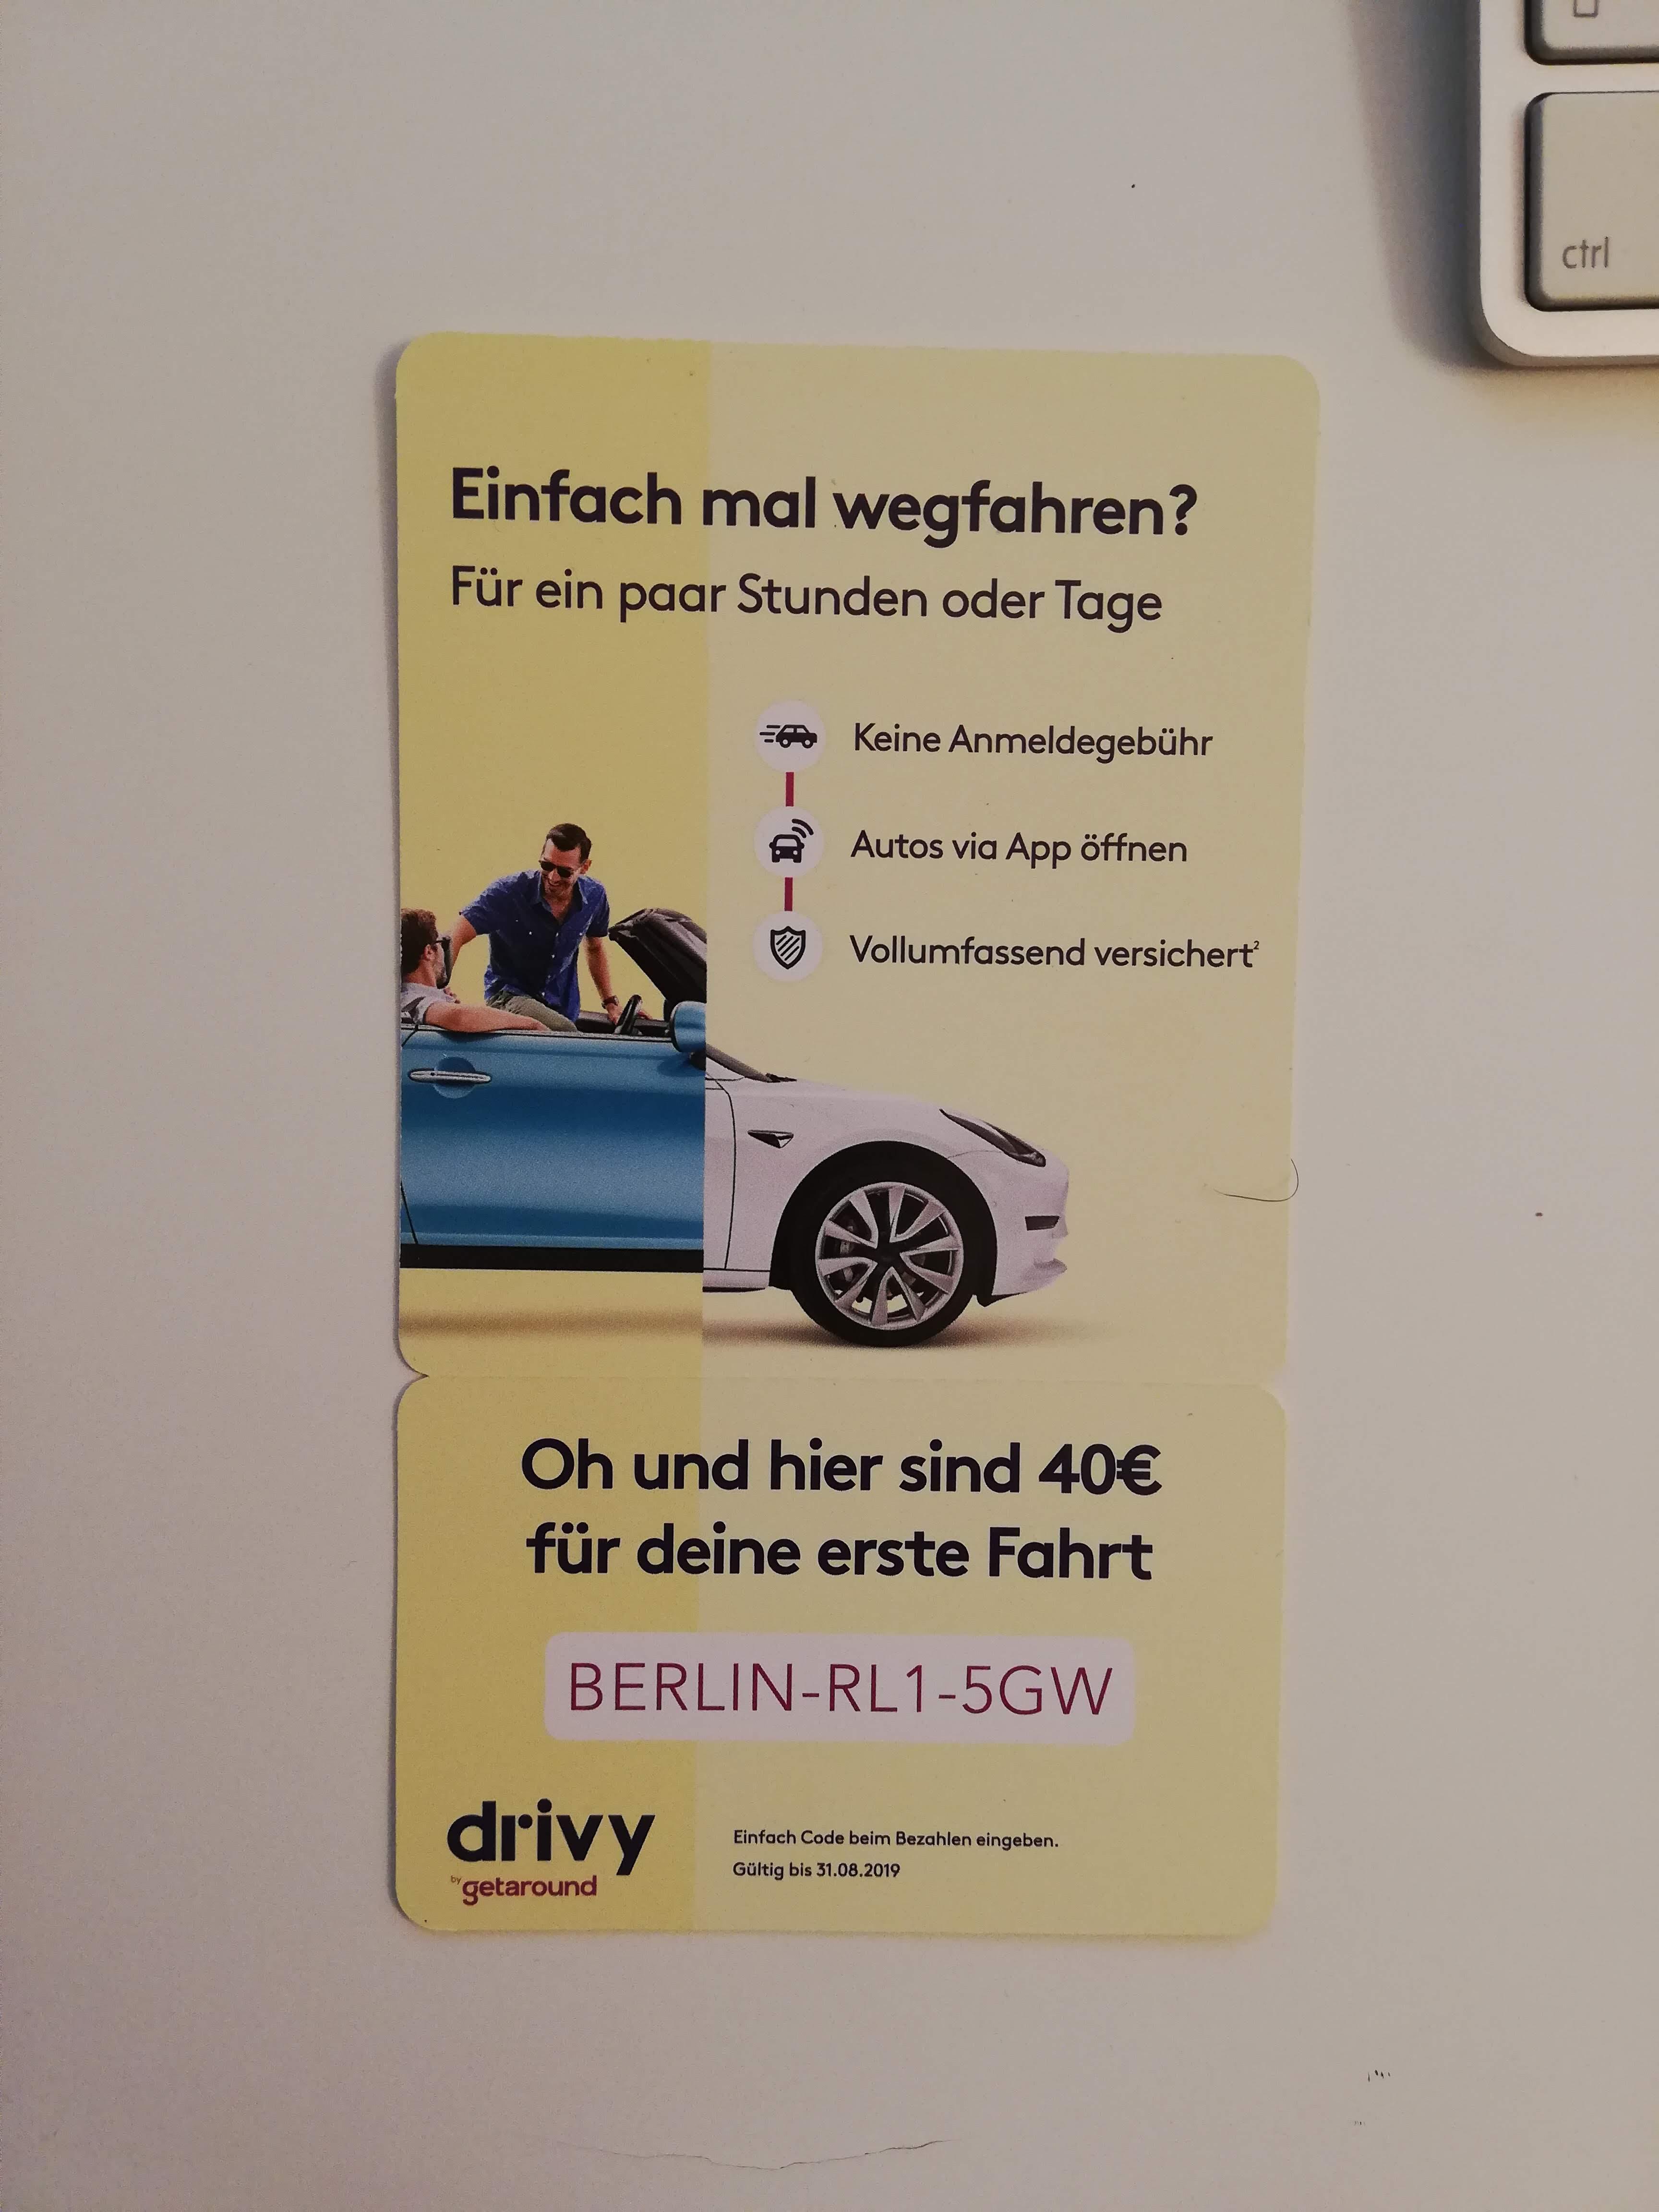 40 € RABATT AUF DIE ERSTE FAHRT MIT DRIVY (Privates Carsharing) - Lokal Berlin